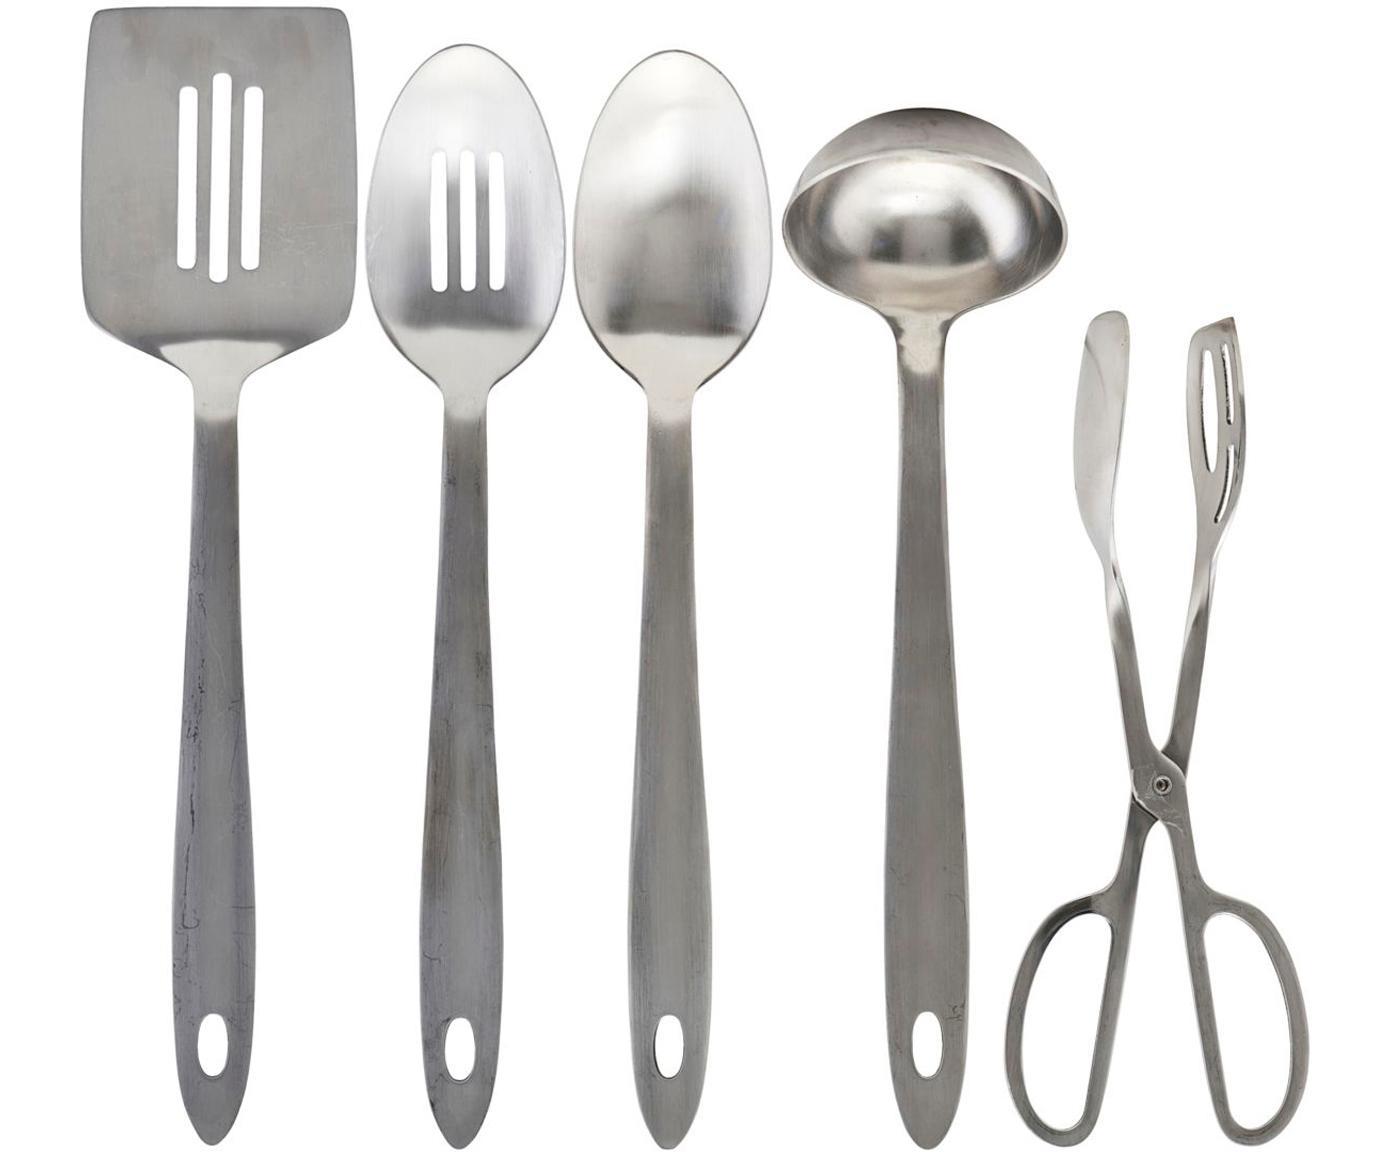 Küchenutensilien Take in Silber, 5er-Set, Edelstahl, Silberfarben, Verschiedene Grössen